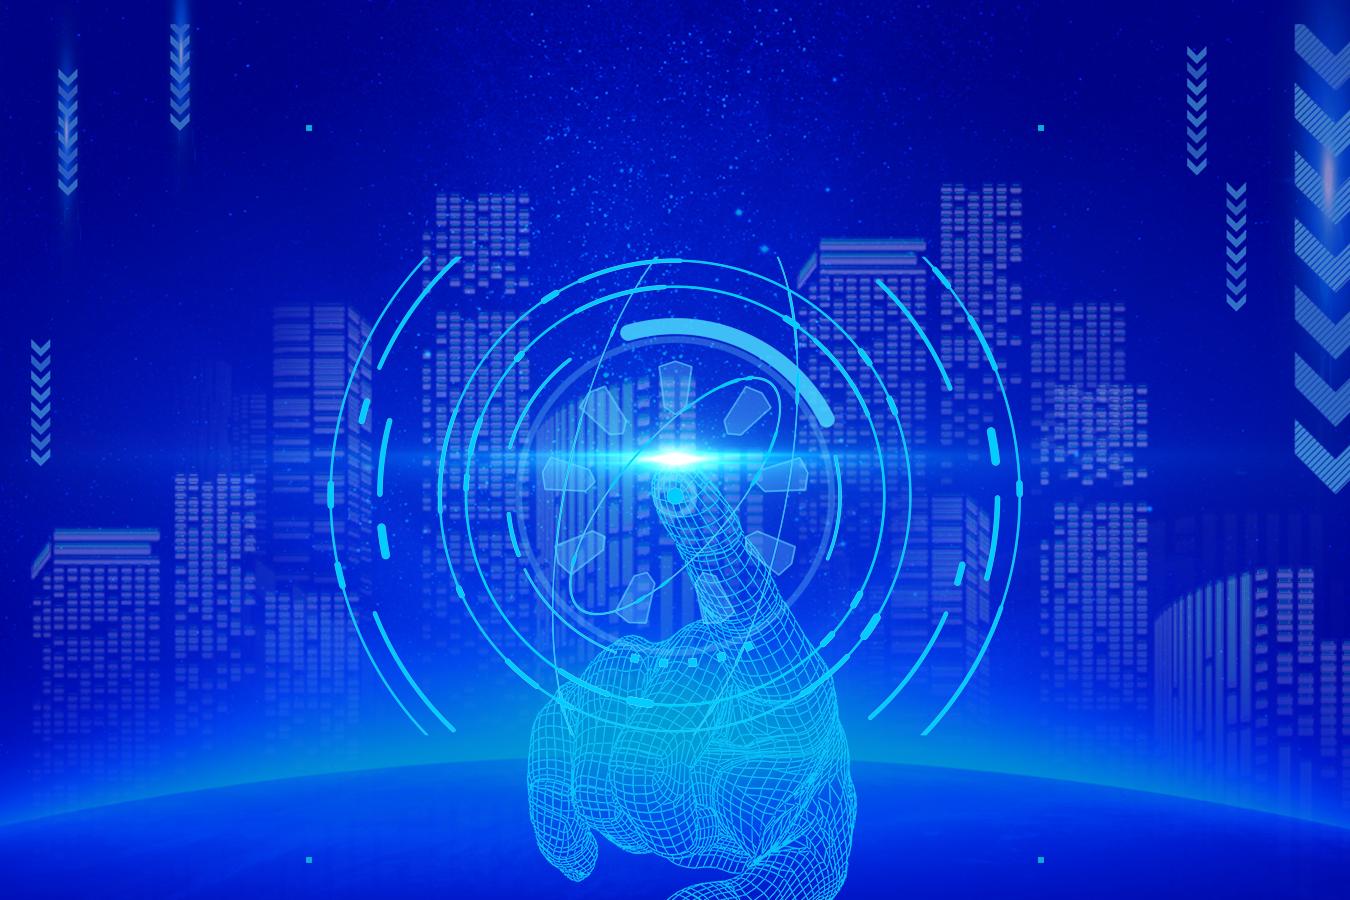 如何在保证生物识别的性能同时保护用户的隐私?